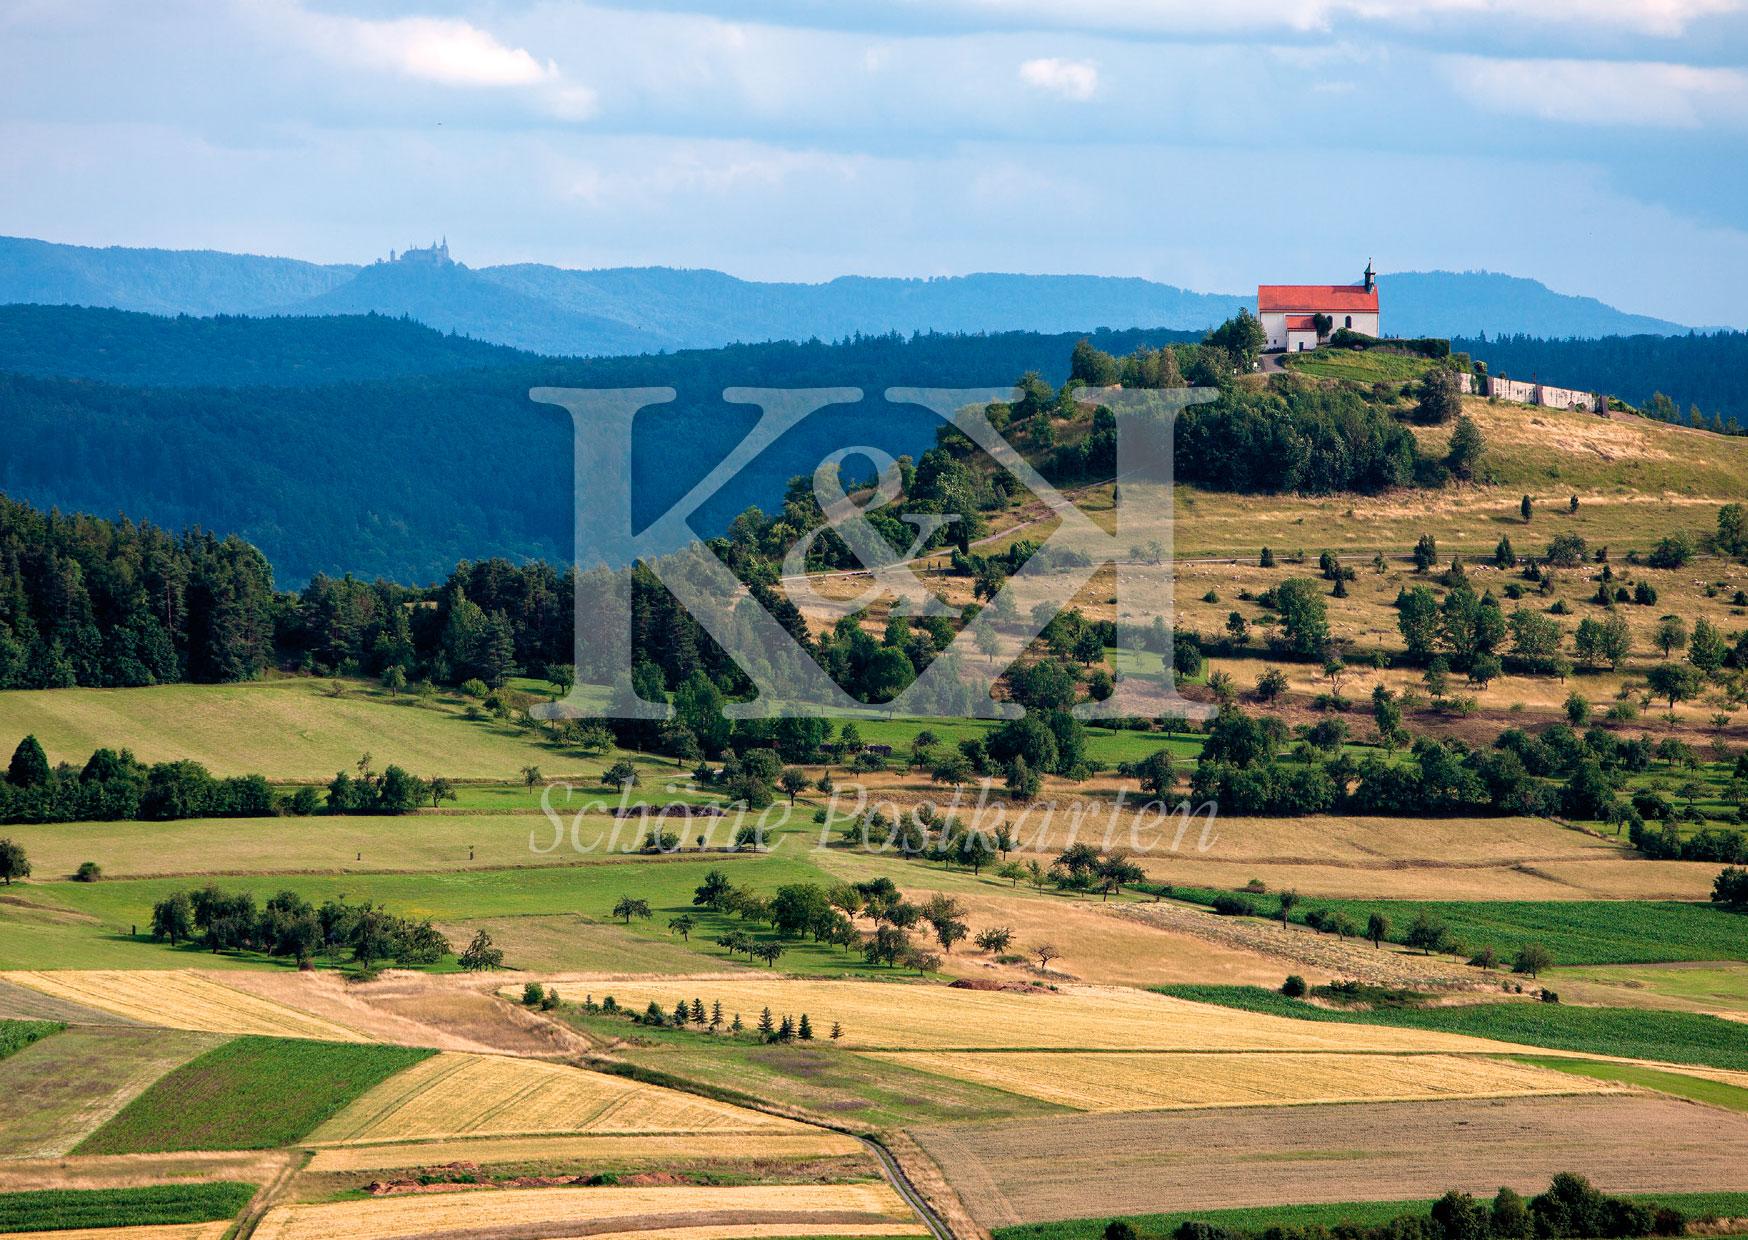 Schöne Postkarte Nr. 219 · Wurmlinger Kapelle und Burg Hohenzollern vor der Schwäbischen Alb © 2018